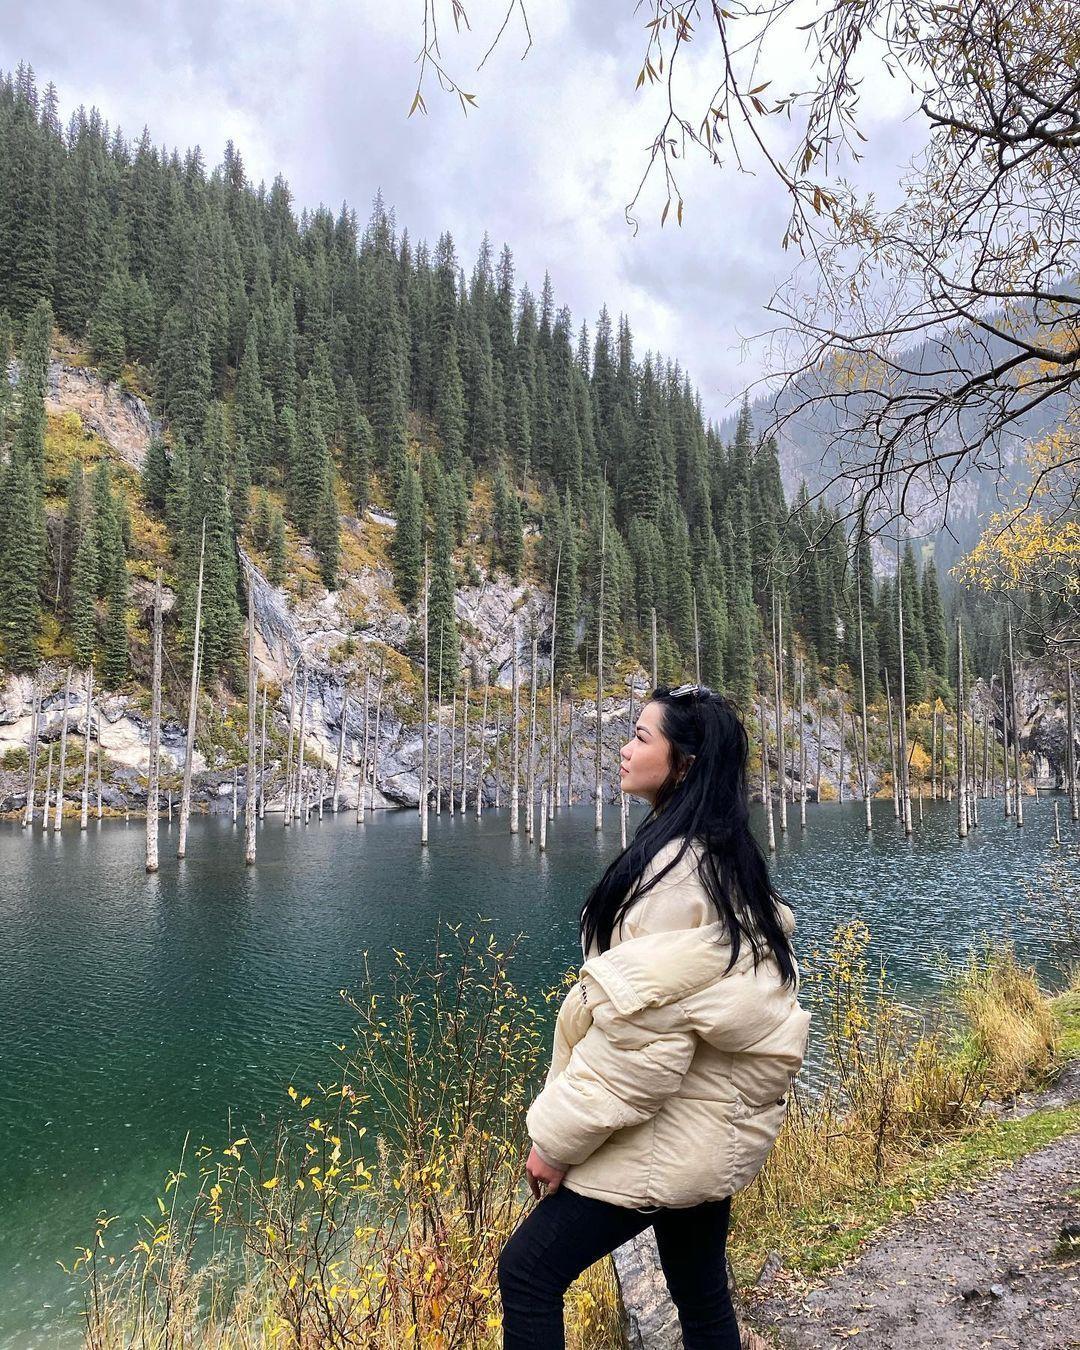 Hồ nước có rừng cây mọc ngược từ dưới đáy Ảnh 2